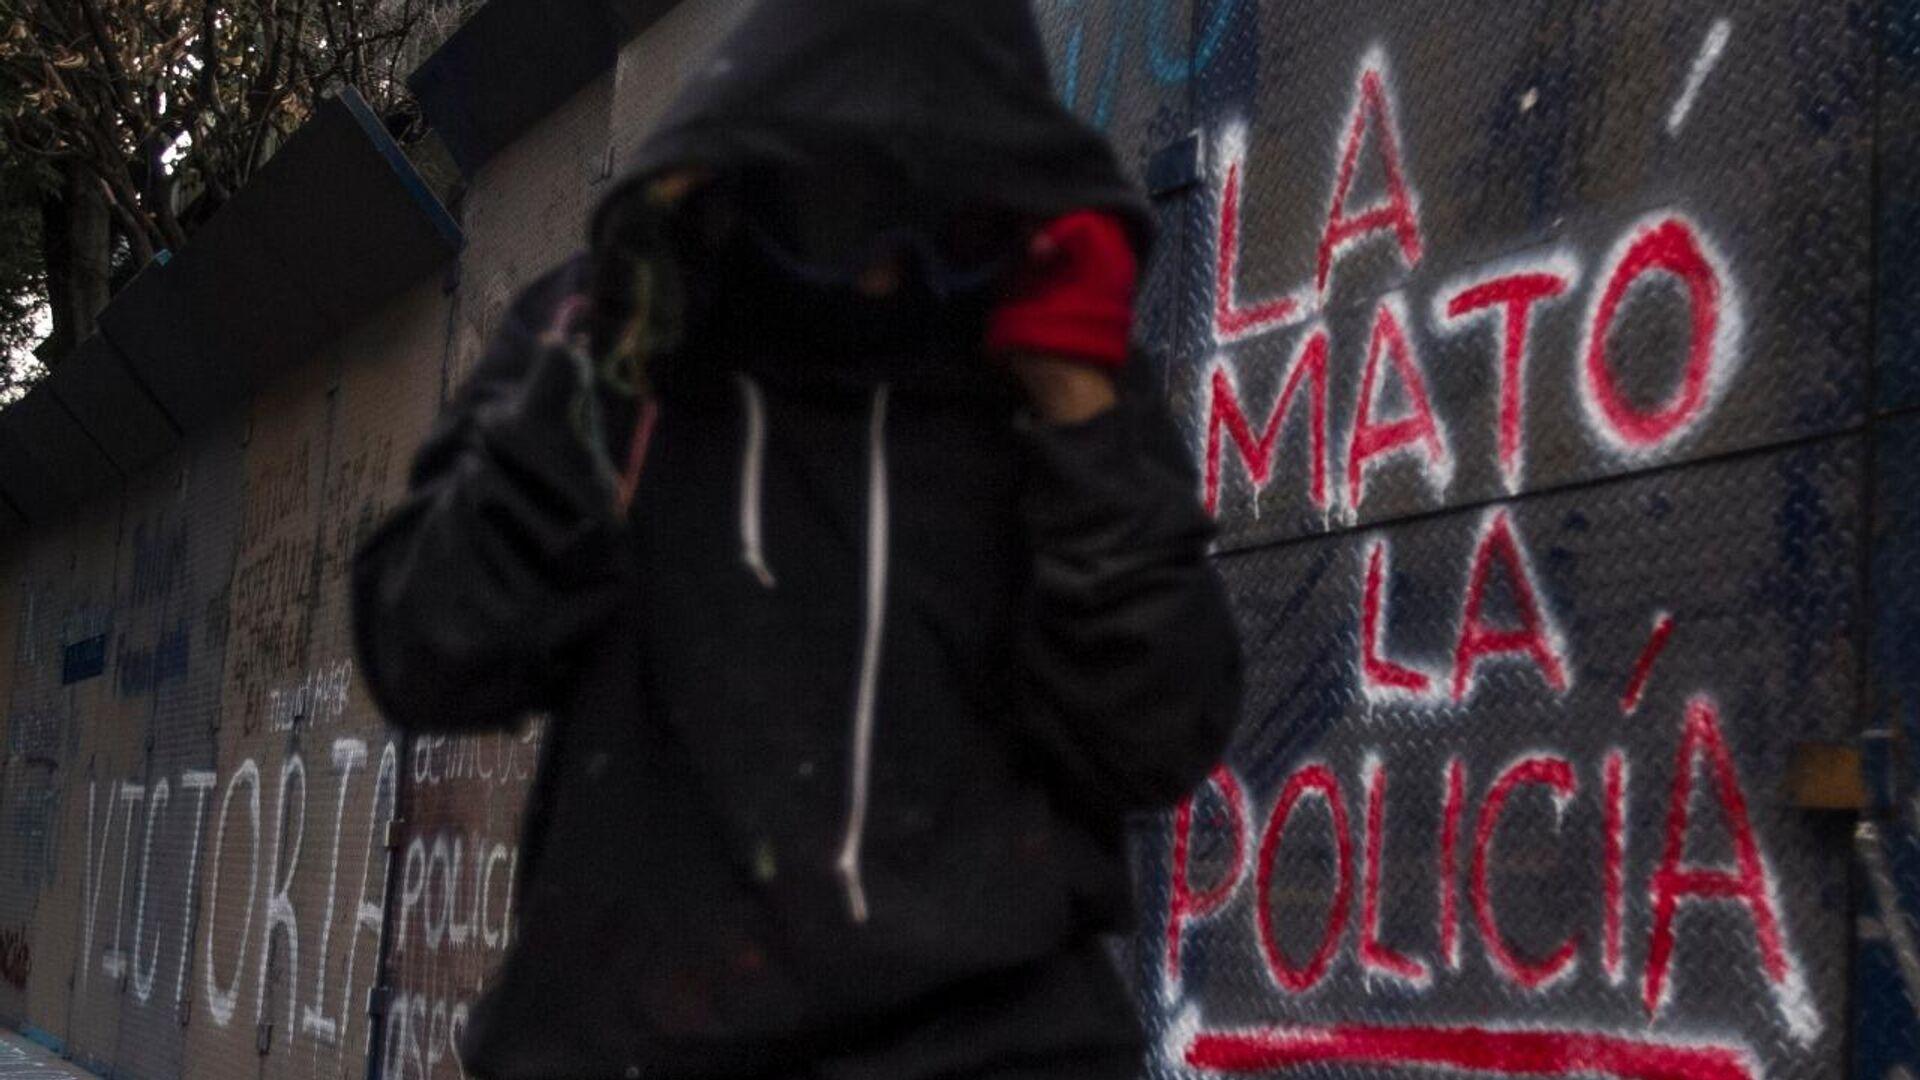 Manifestación por el feminicidio de Victoria Salazar en la representación de Quintana Roo en la Ciudad de México, 29 de marzo de 2021. - Sputnik Mundo, 1920, 30.03.2021